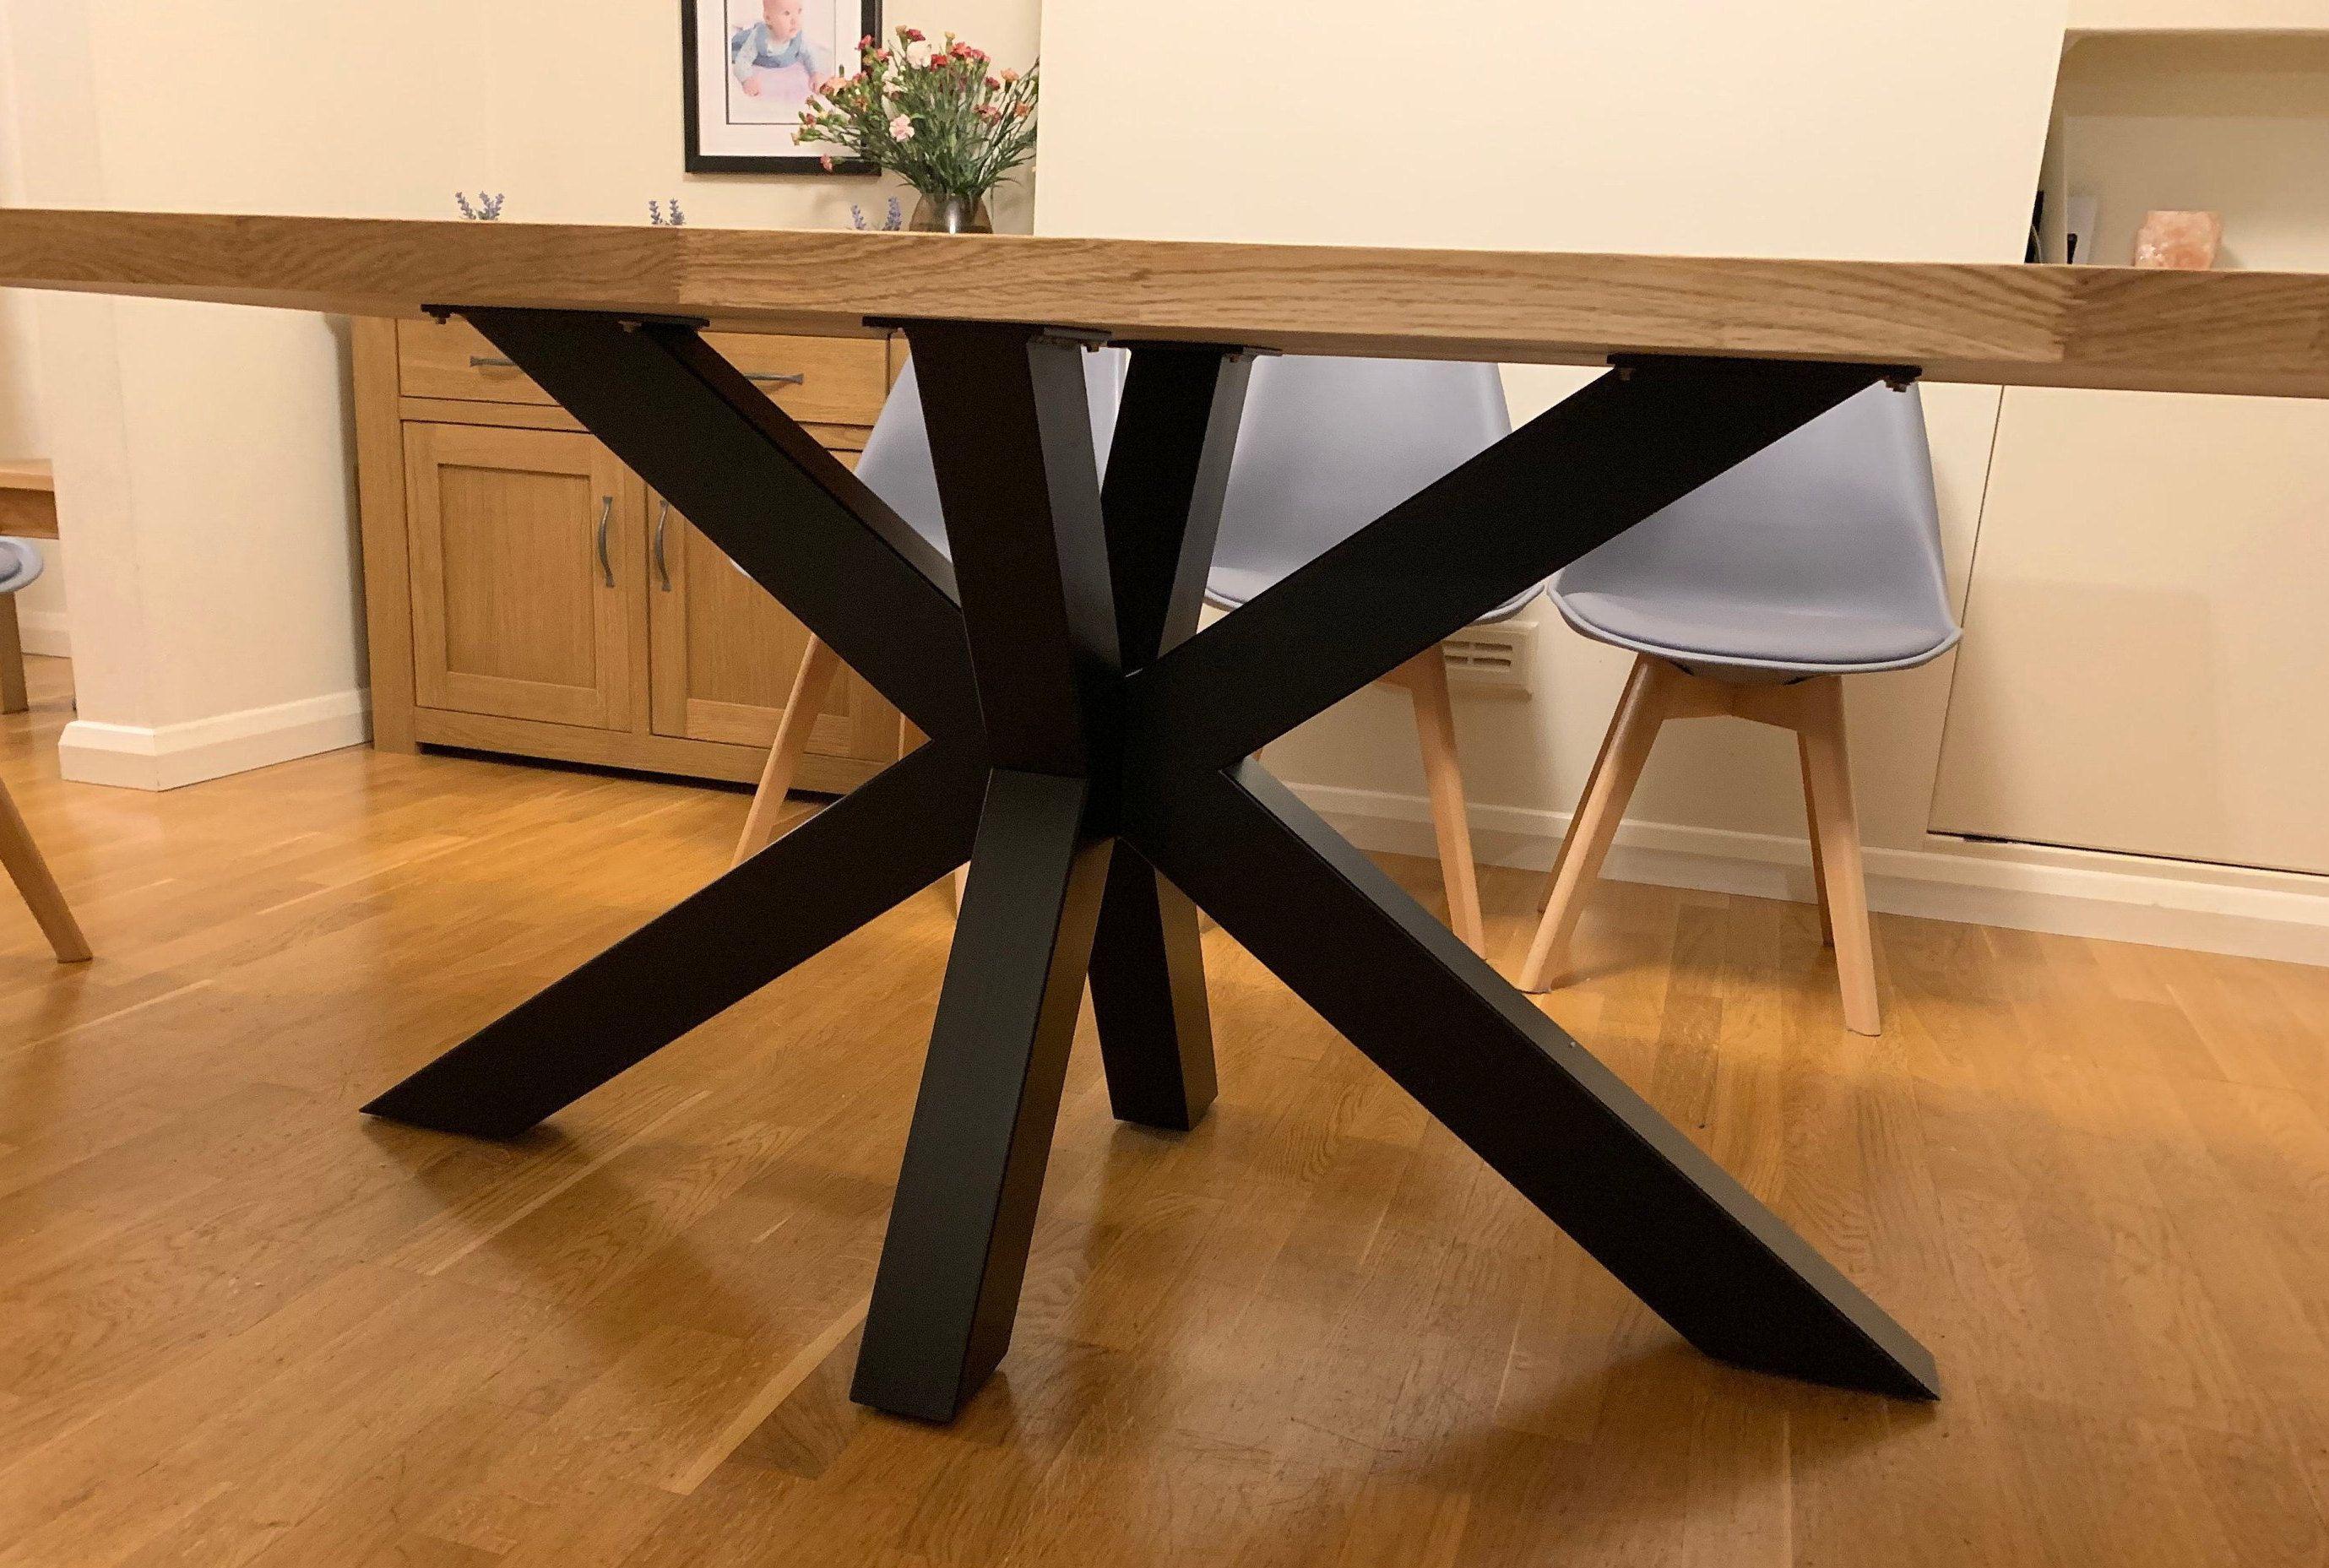 Questo tavolo ha uno stile inconfondibile,. Table Base Pedestal Dining Table Base Metal Table Base Powder Coated Height Xsavier 100 80 Tavoli In Metallo Tavolo Moderno Design Tavolo In Legno